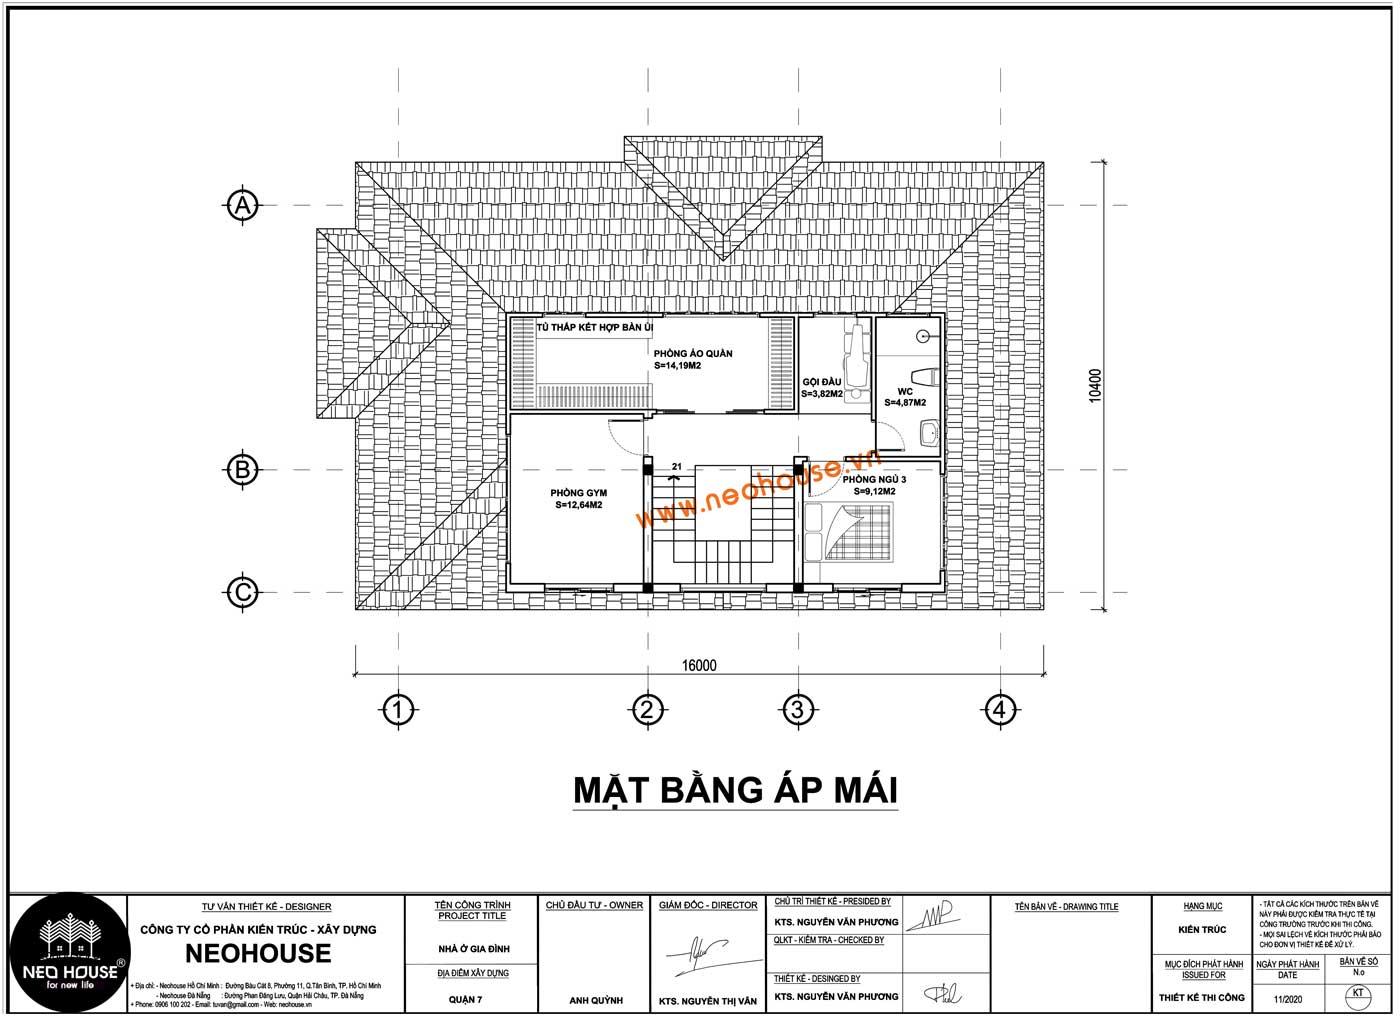 Mặt bằng tầng áp mái biệt thự mái thái 2 tầng